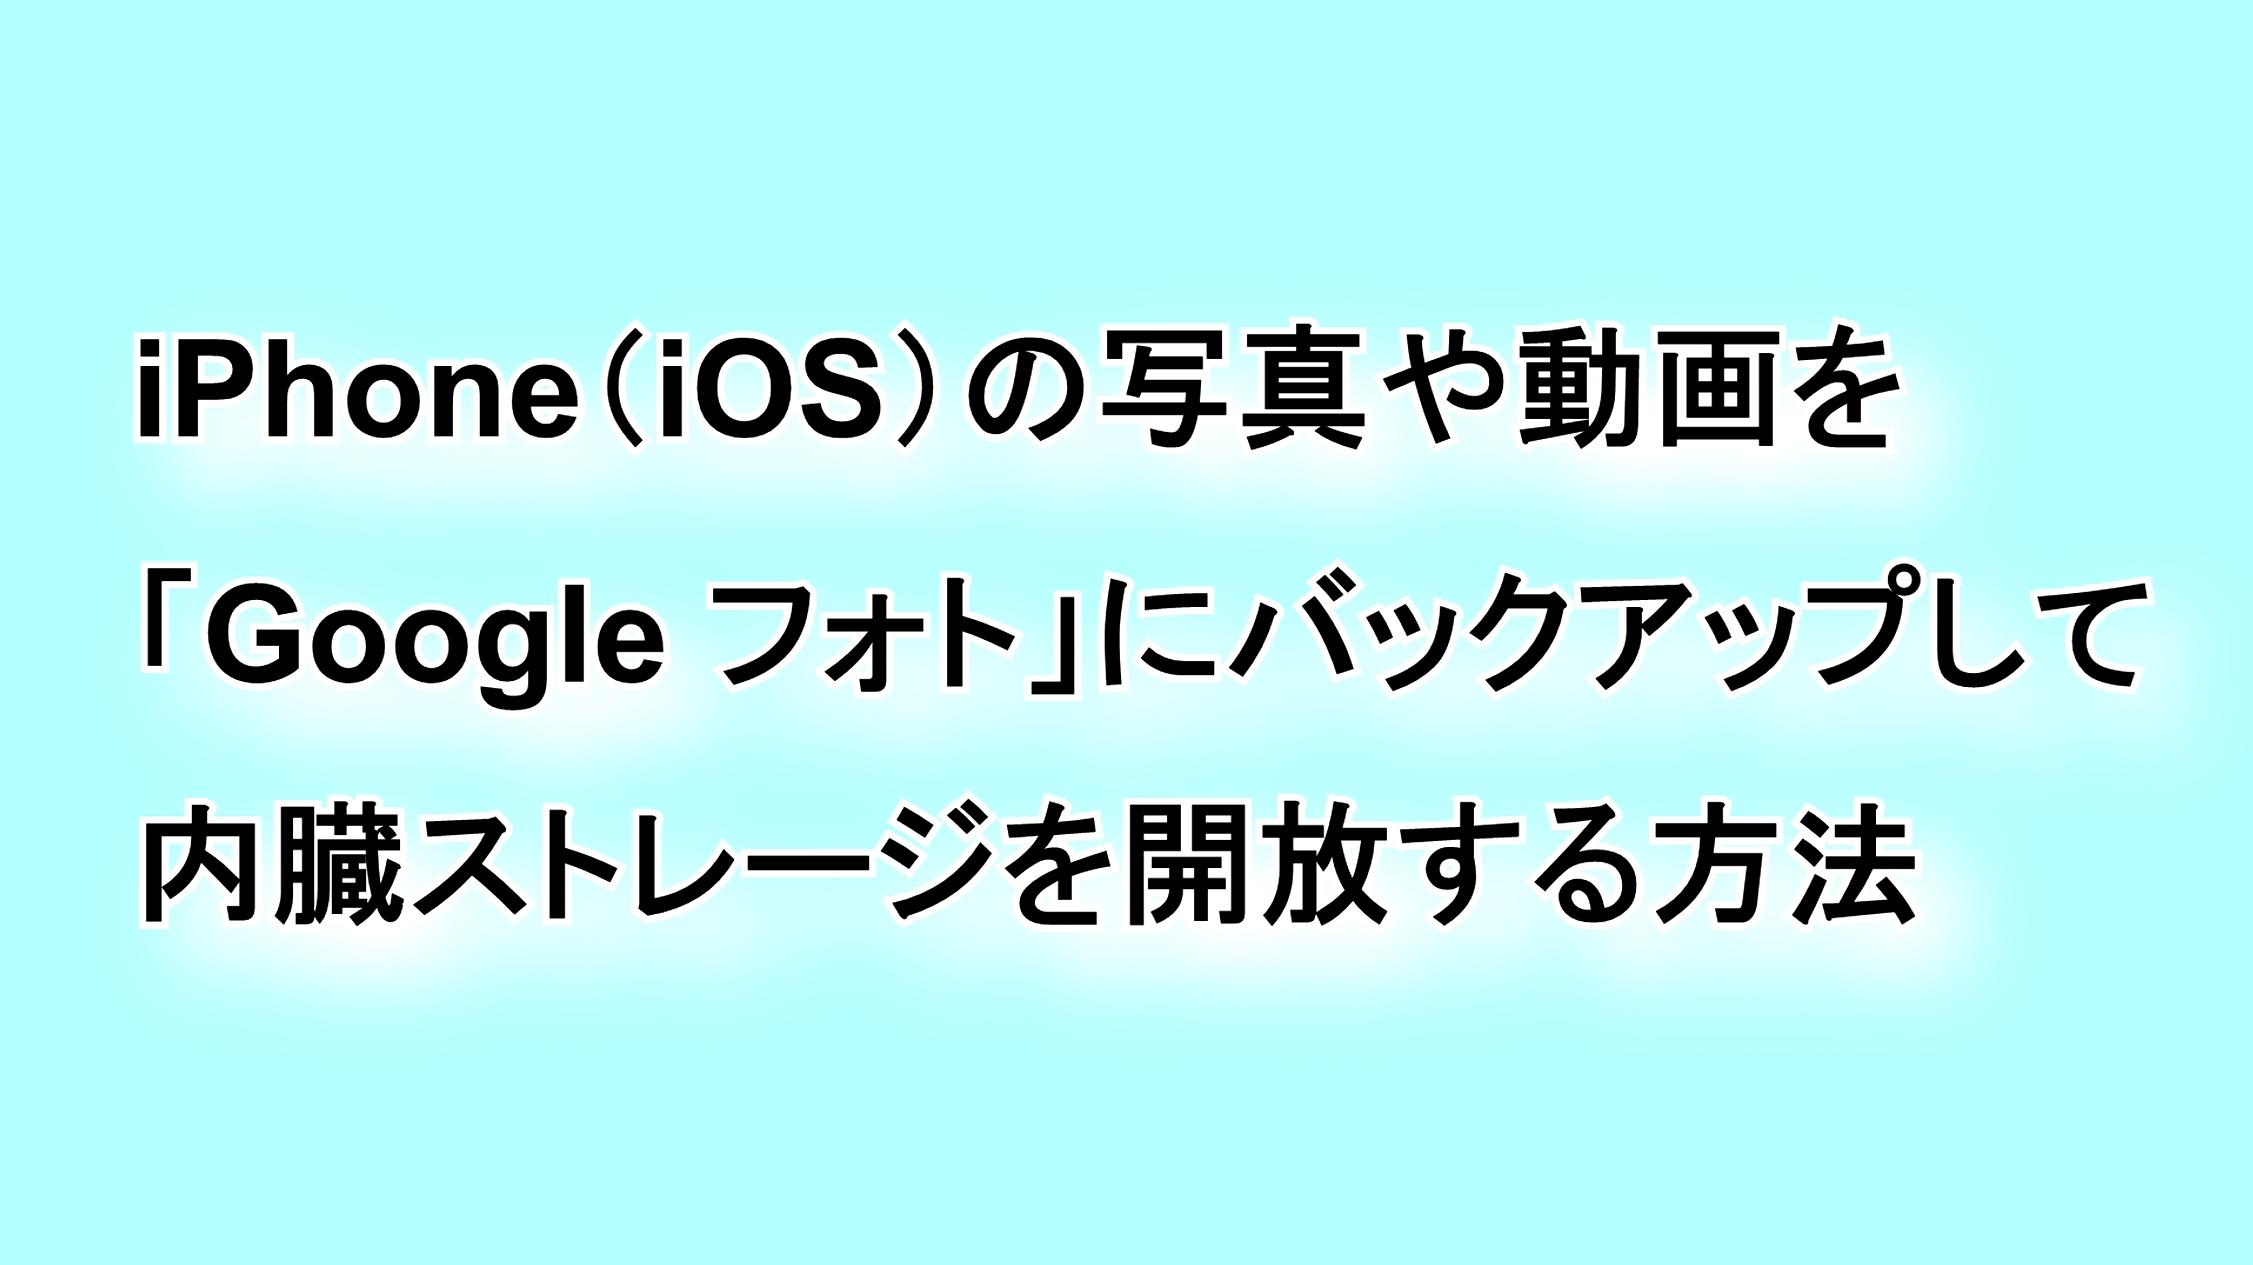 iPhone(iOS)の写真や動画を「Google フォト」にバックアップして内蔵ストレージを開放する方法